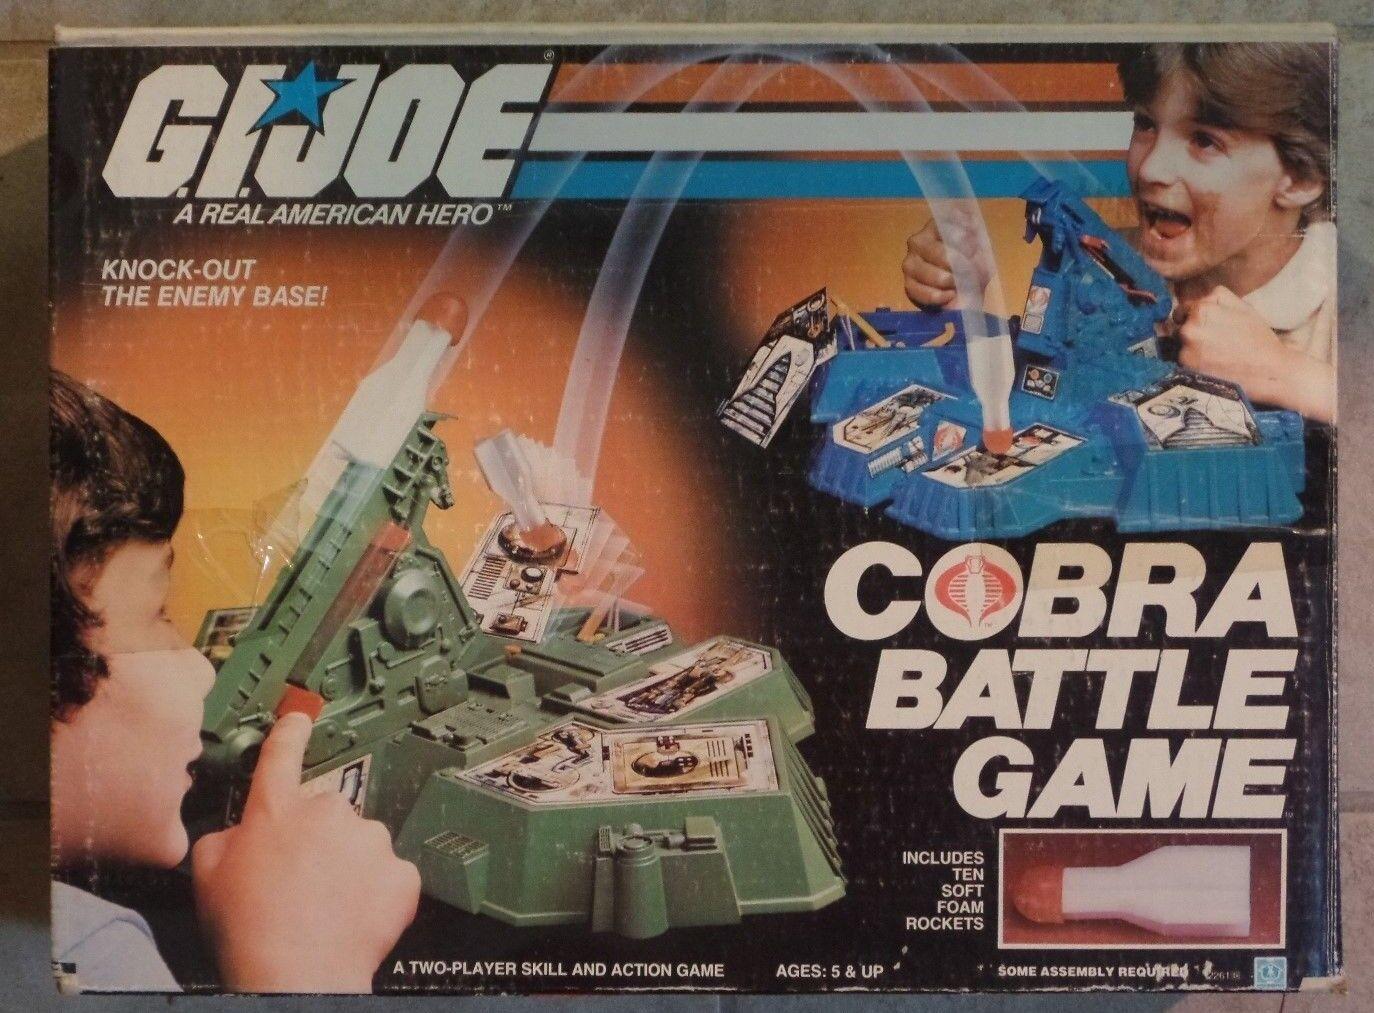 GI JOE COBRA BATTAGLIA giocoS NUOVO IN SCATOLA SIGILLATO Contenuto Hasbro 1982